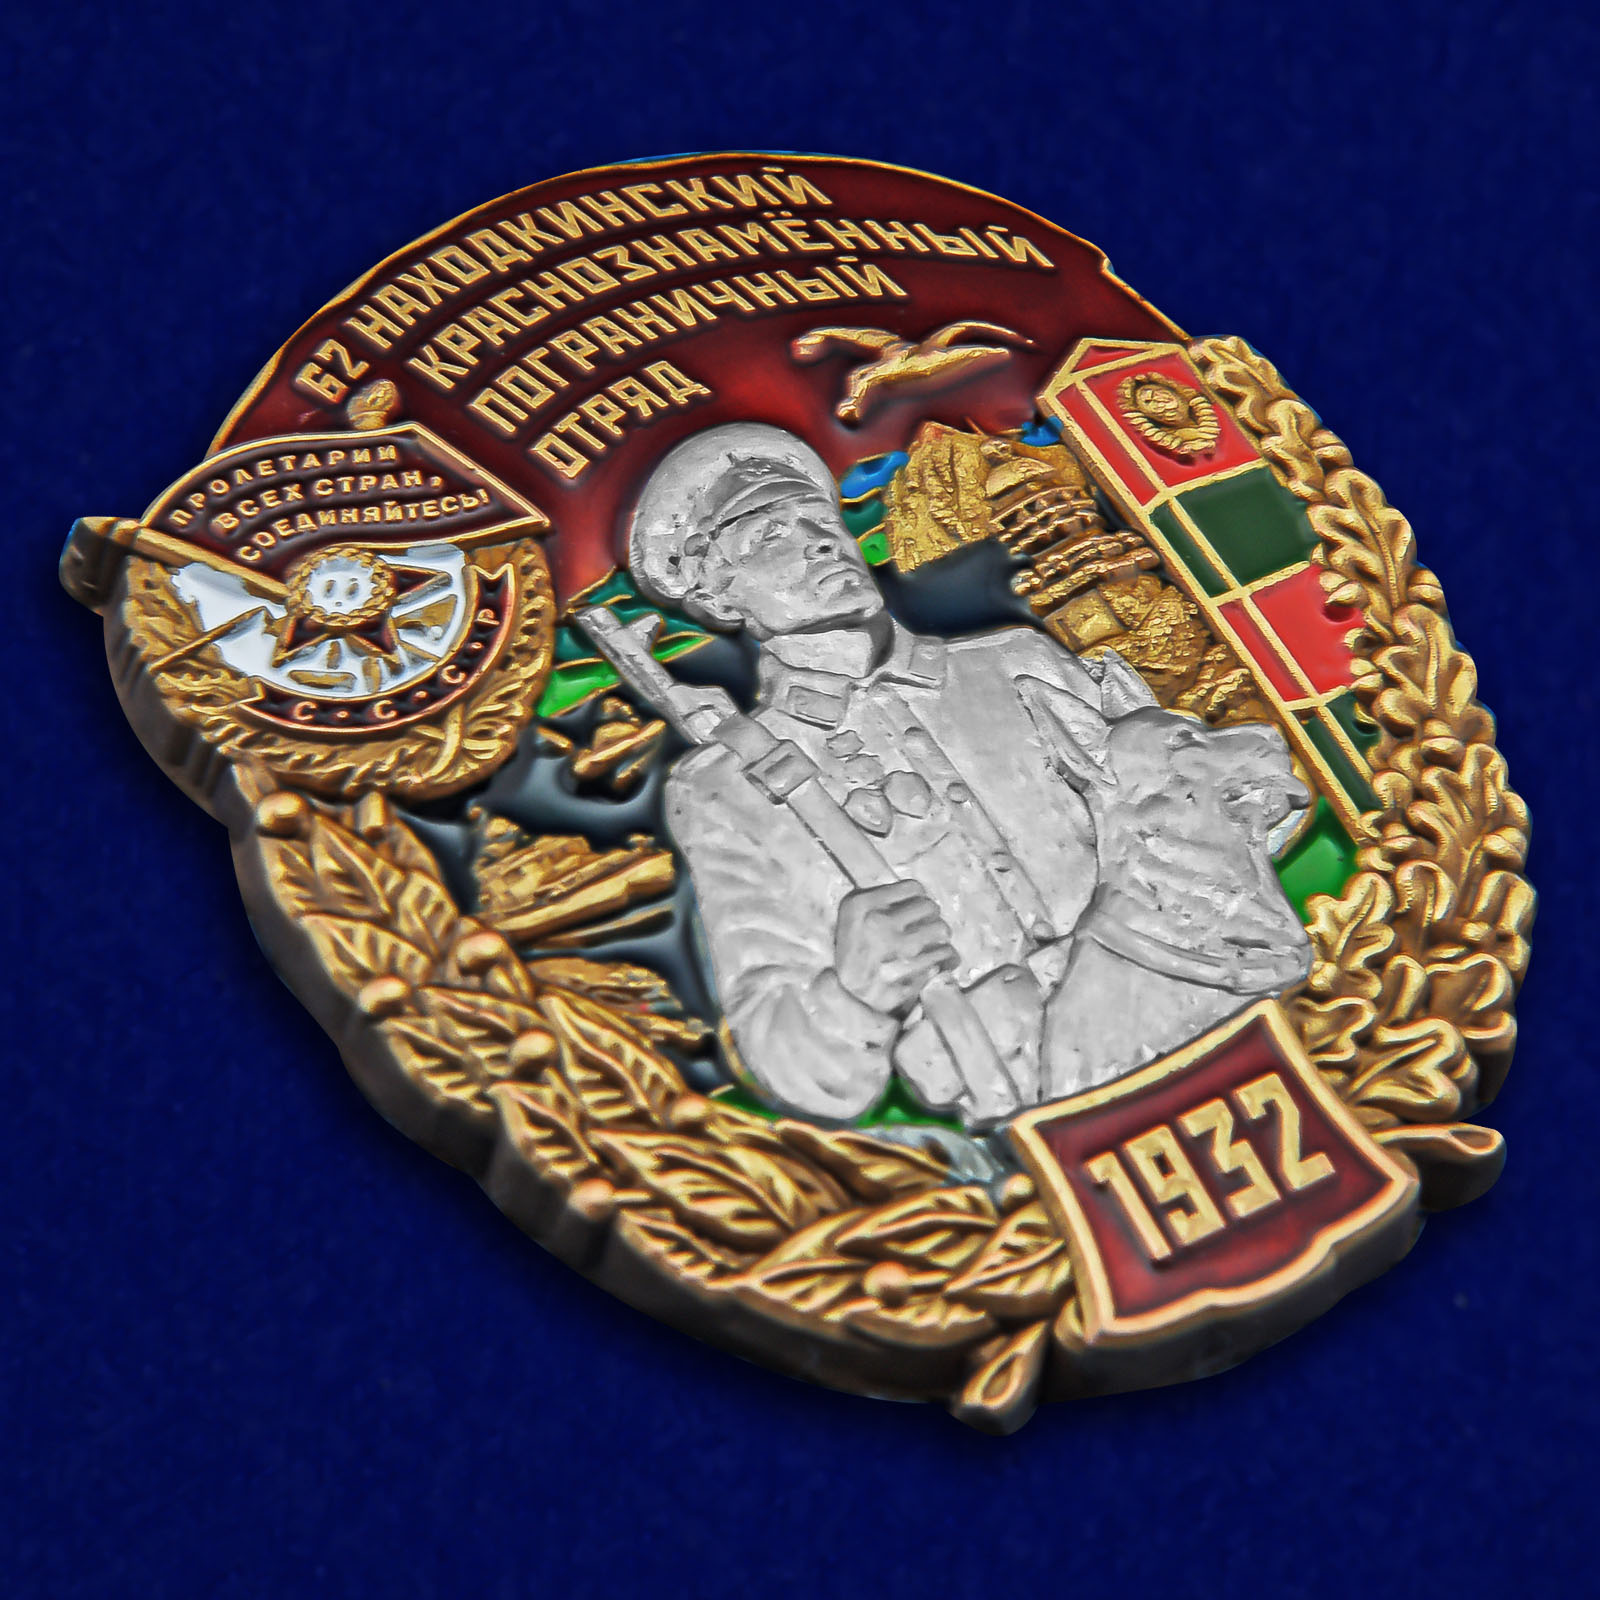 Памятный знак 62 Находкинский Краснознамённый пограничный отряд - общий вид